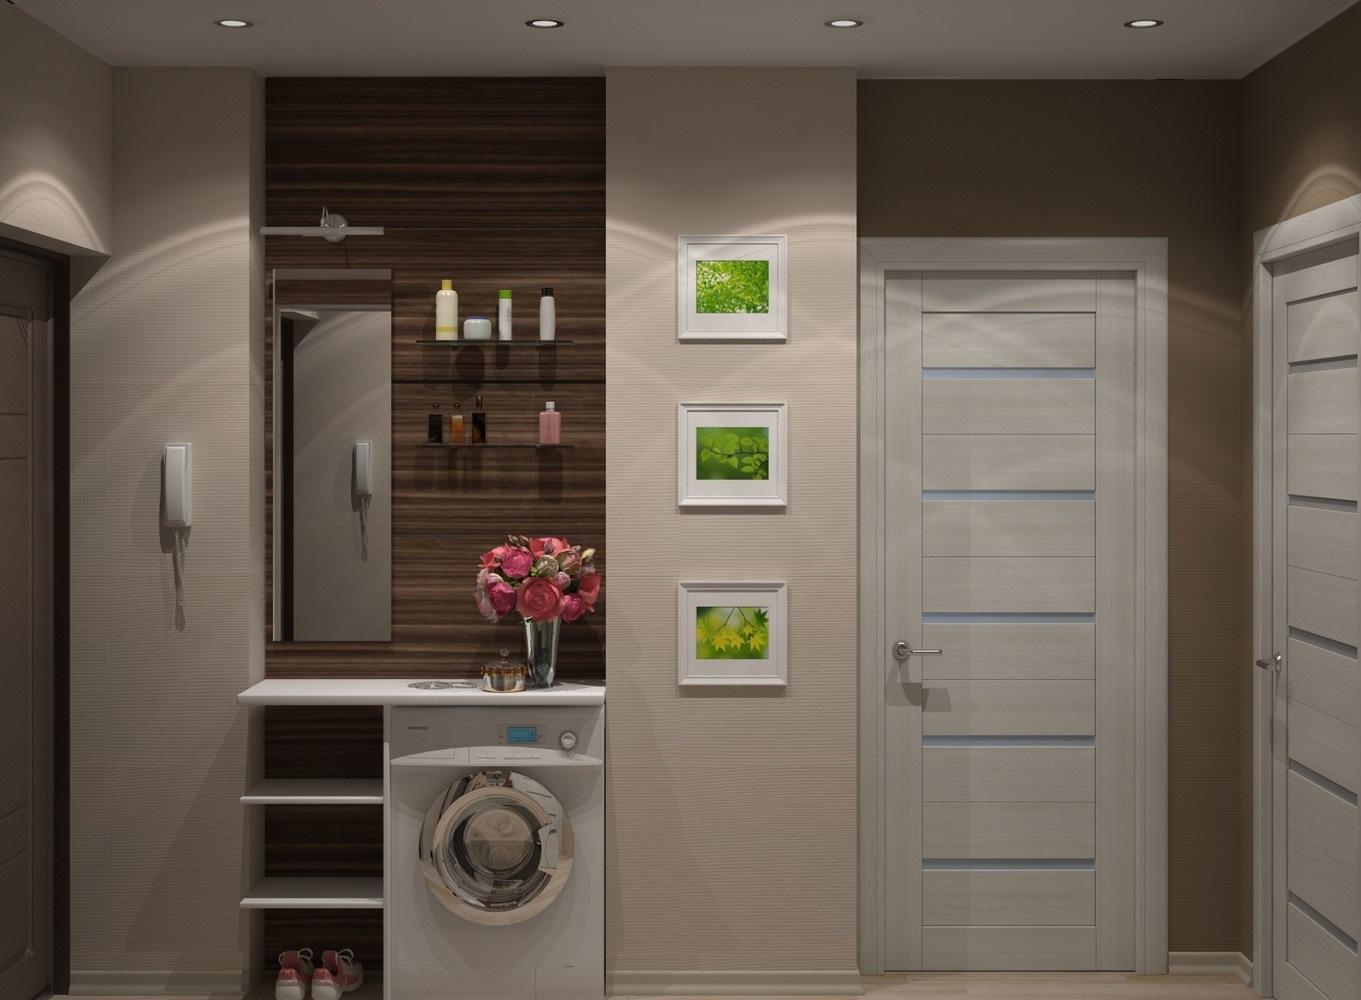 Холодильник в коридоре фото дизайн идеи